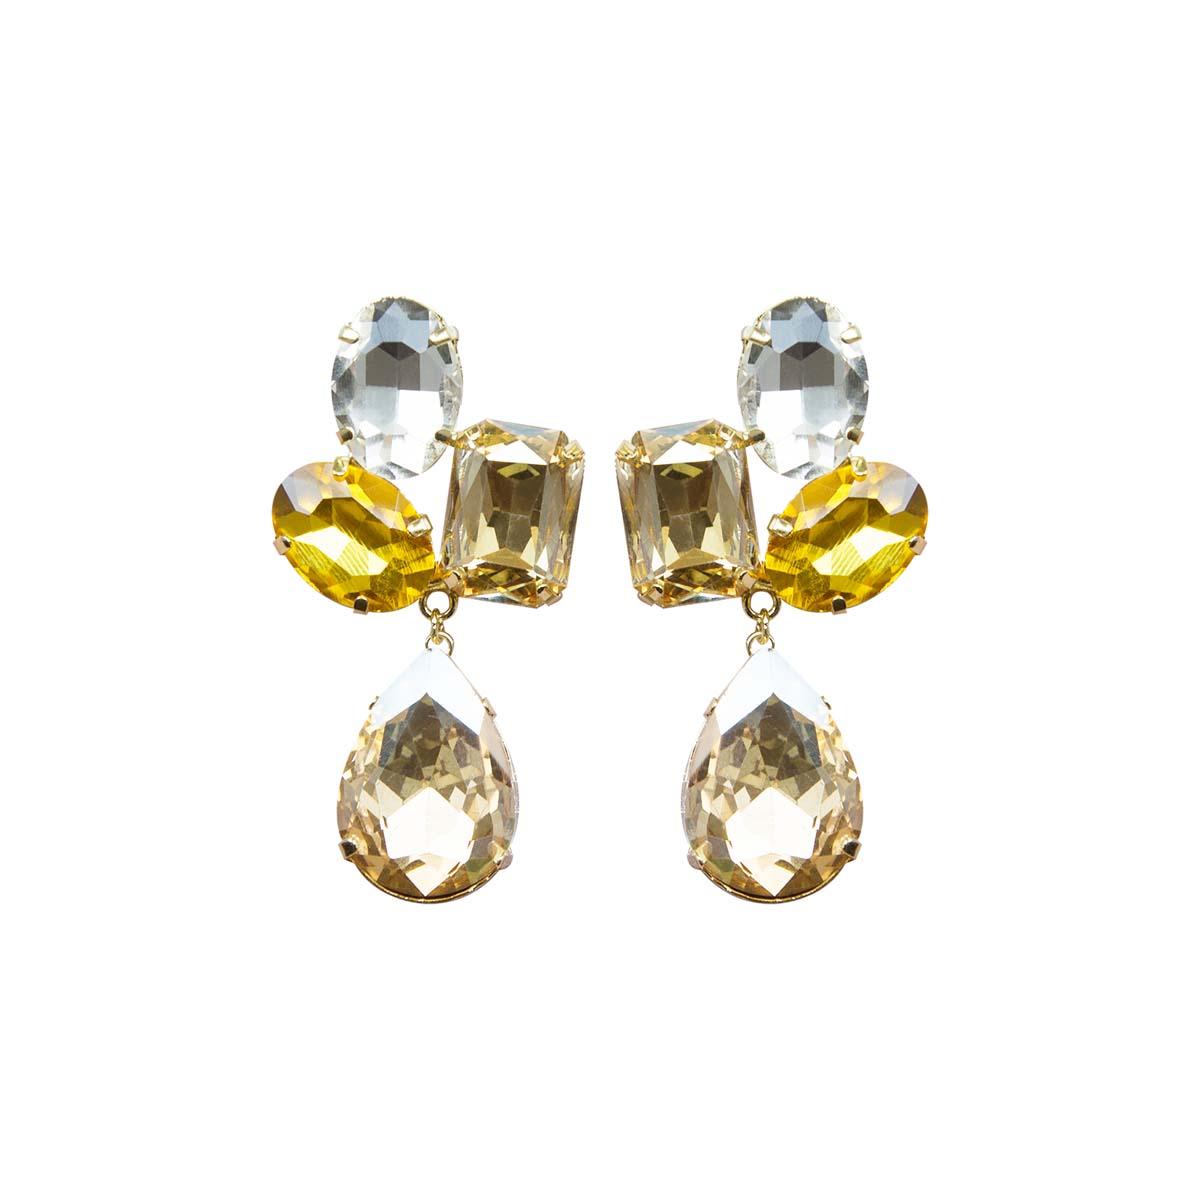 Teria Yabar - Pendientes de fiesta con cuatro cristales